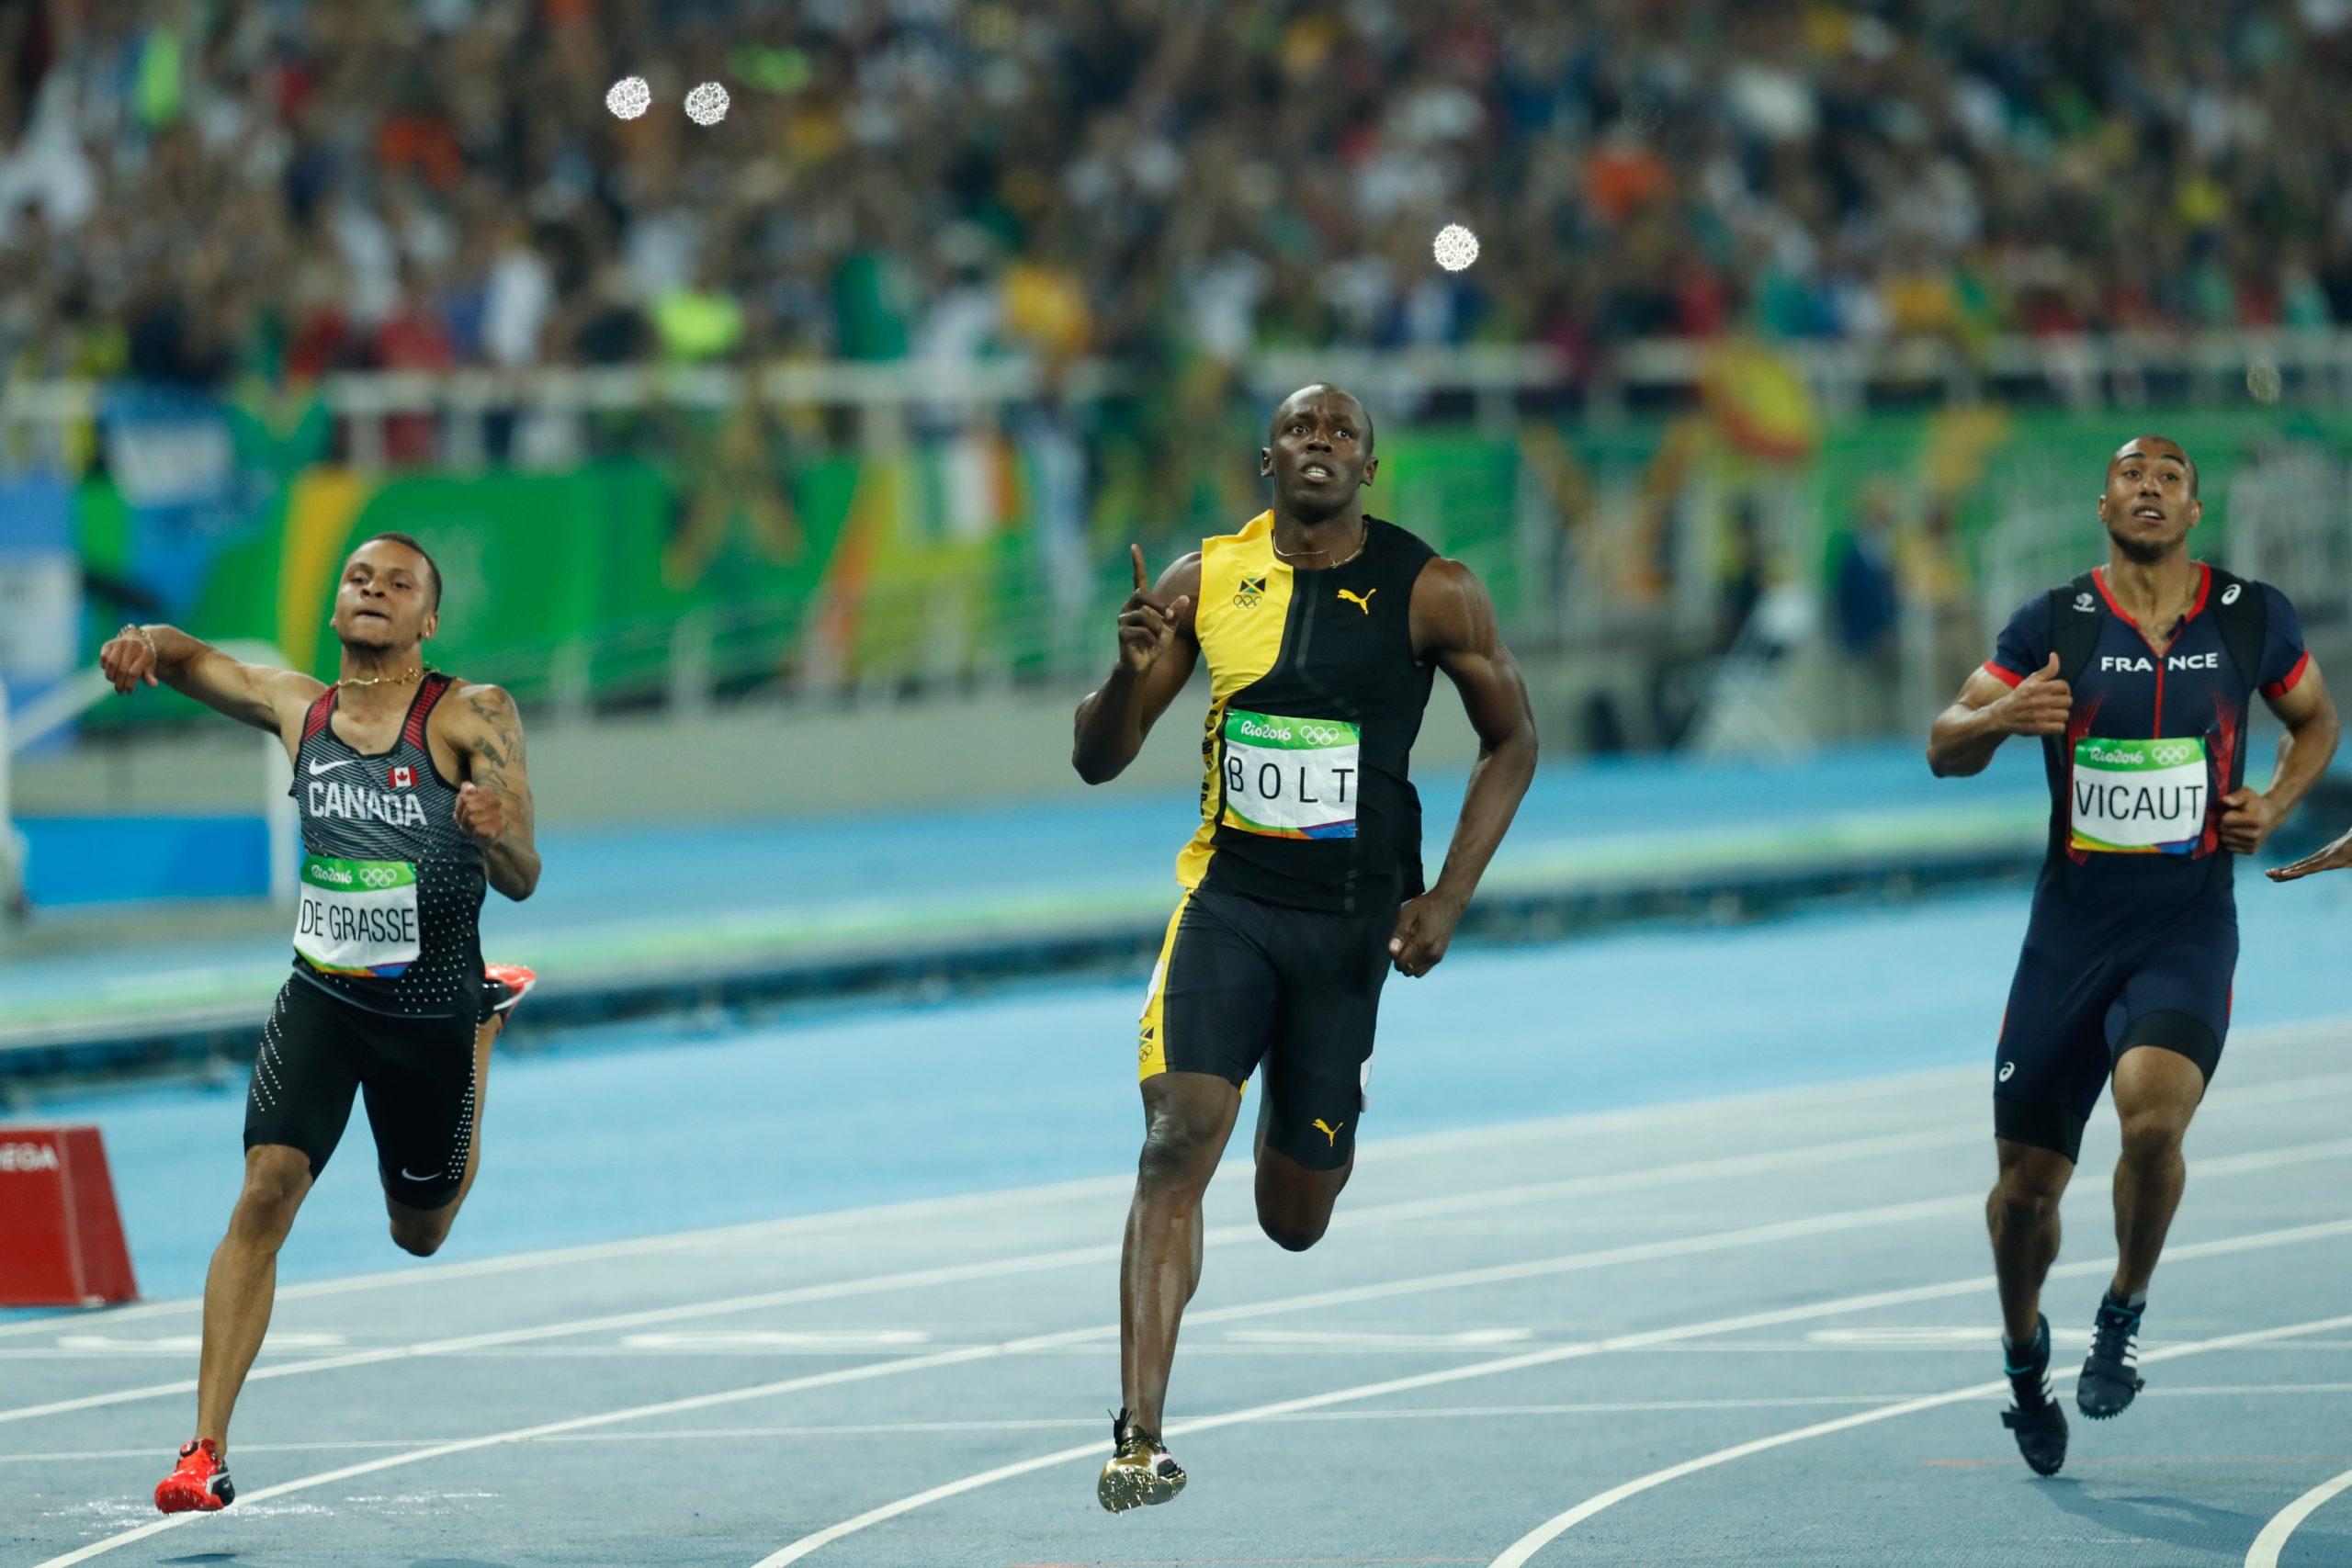 Աթլետիկայի 2021 թ-ի աշխարհի առաջնությունը հետաձգվեց մեկ տարով. պատճառն Օլիմպիական Խաղերն են